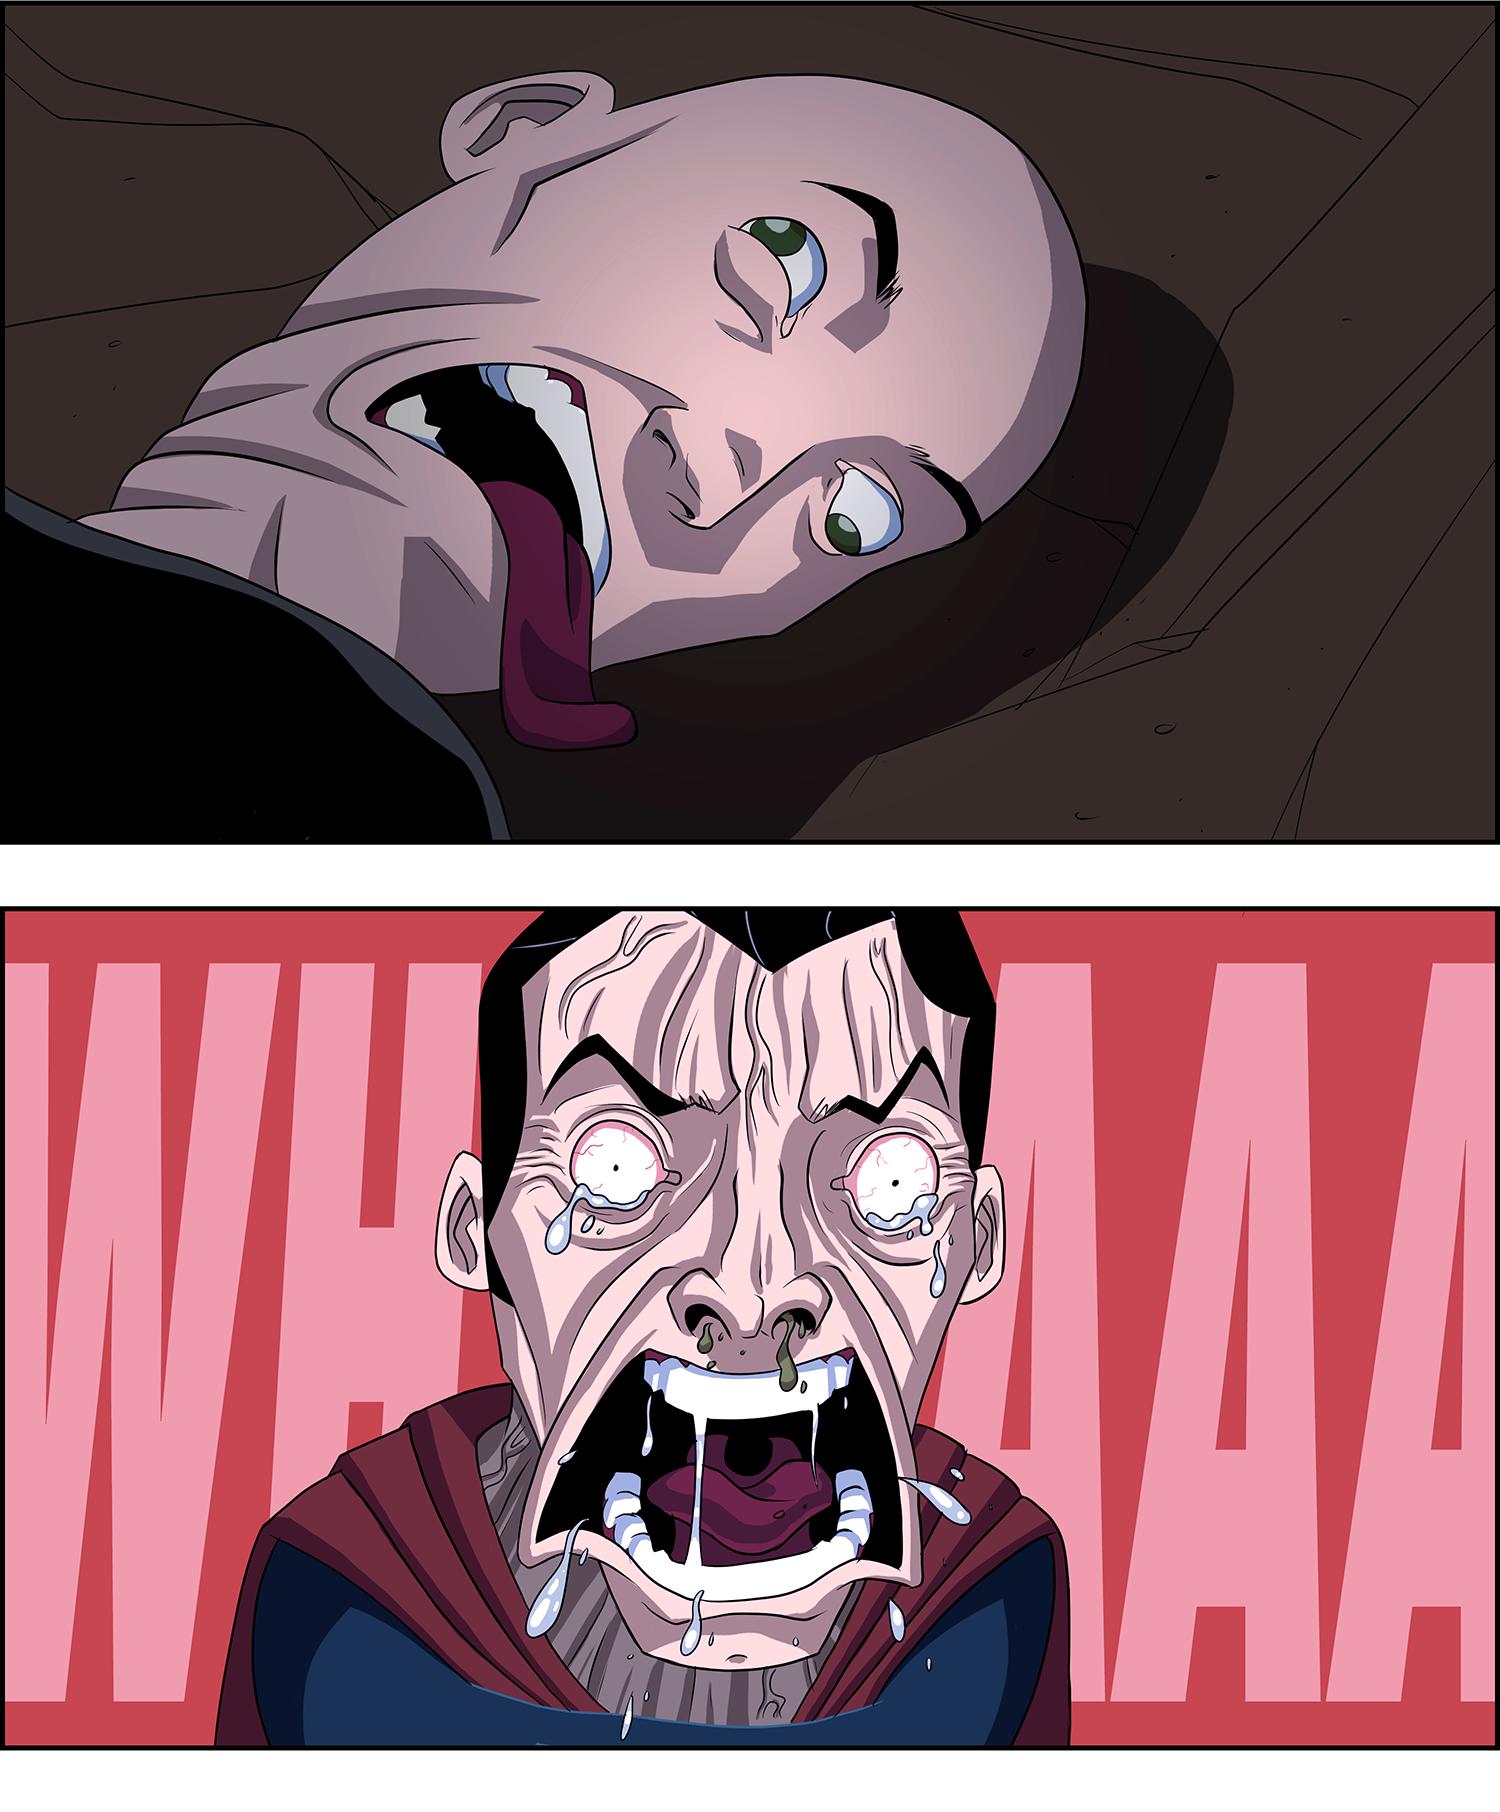 Luthor V Superman